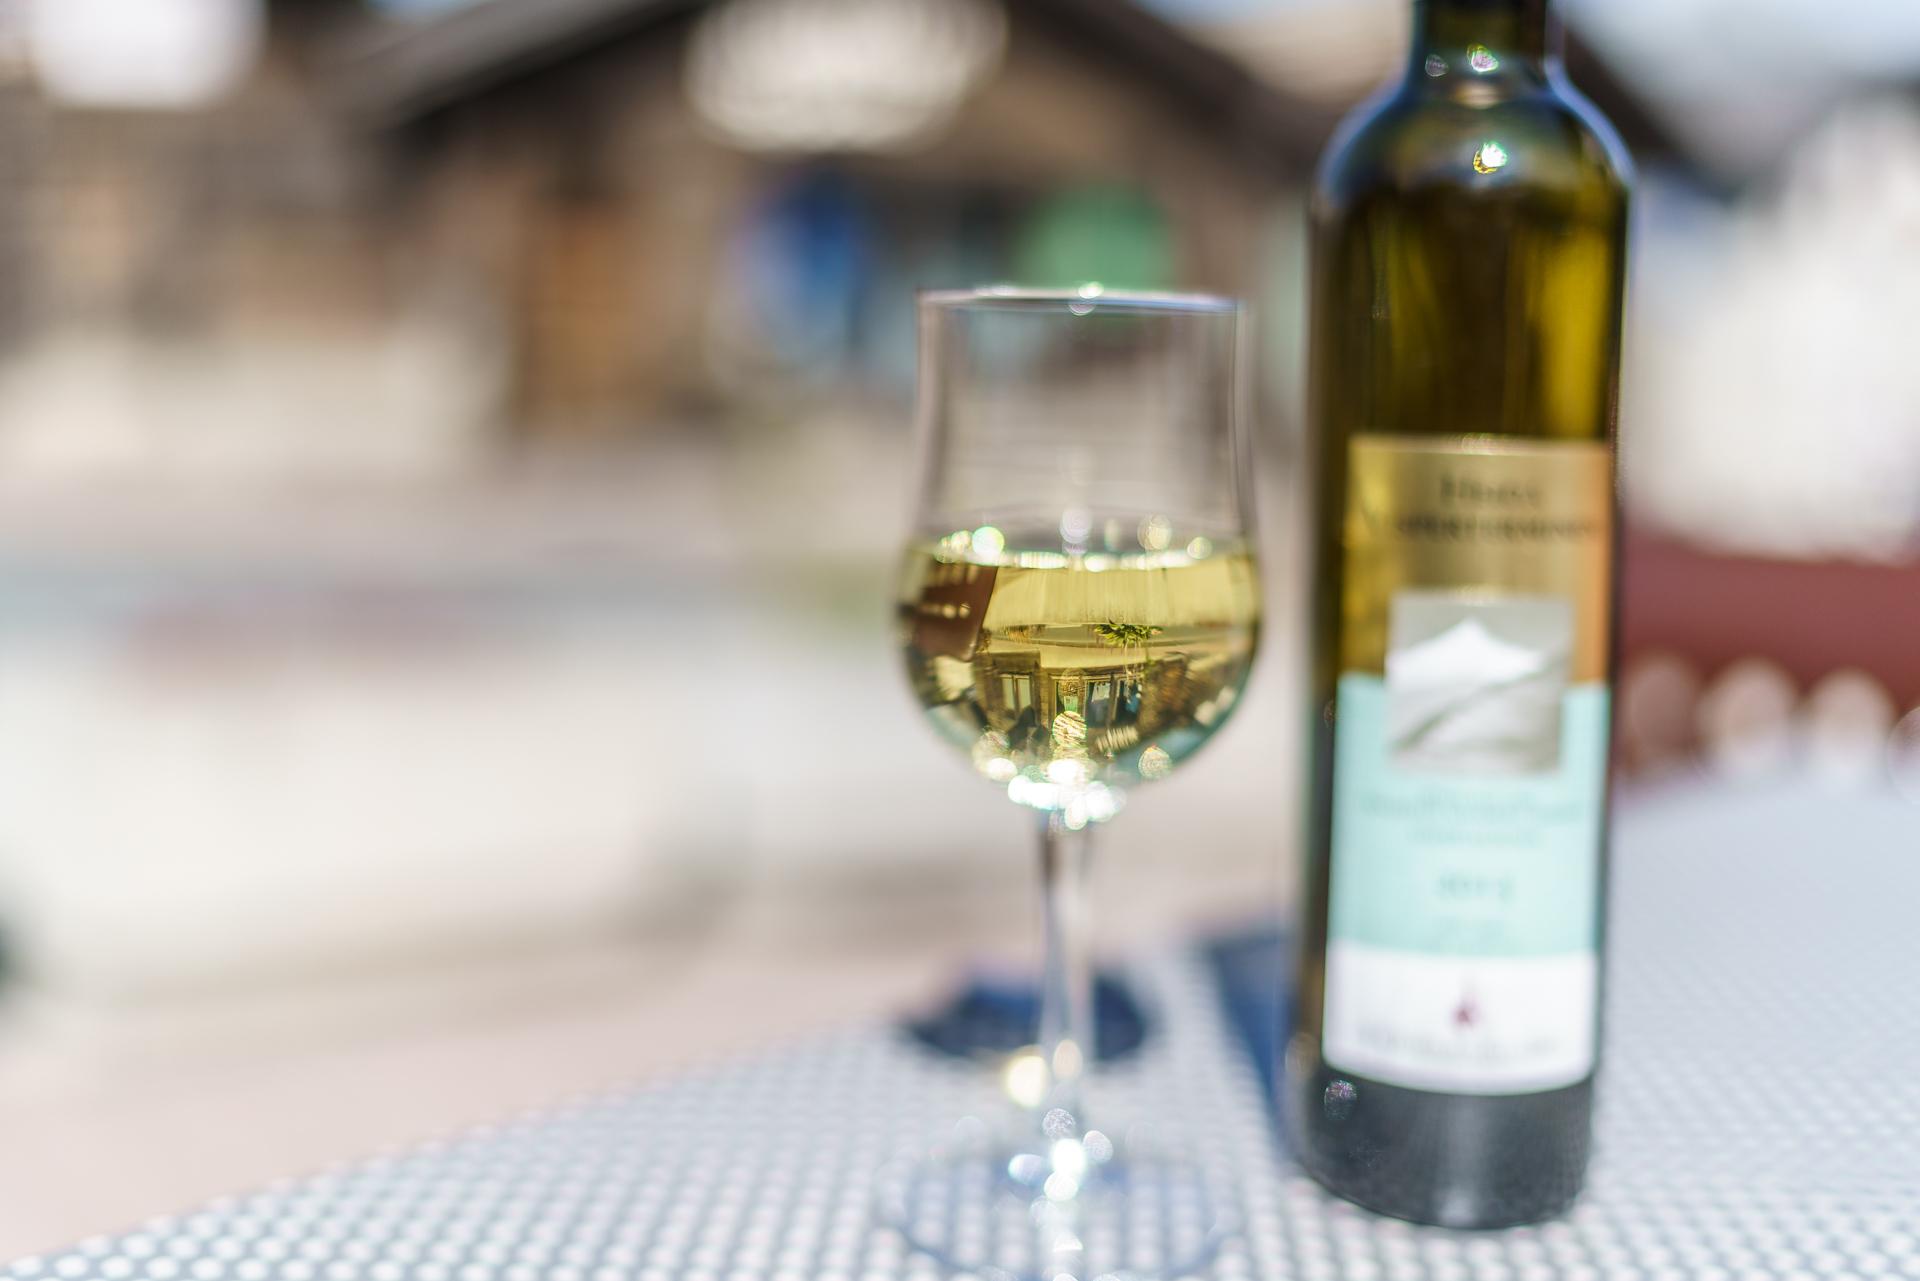 Heida-Wein